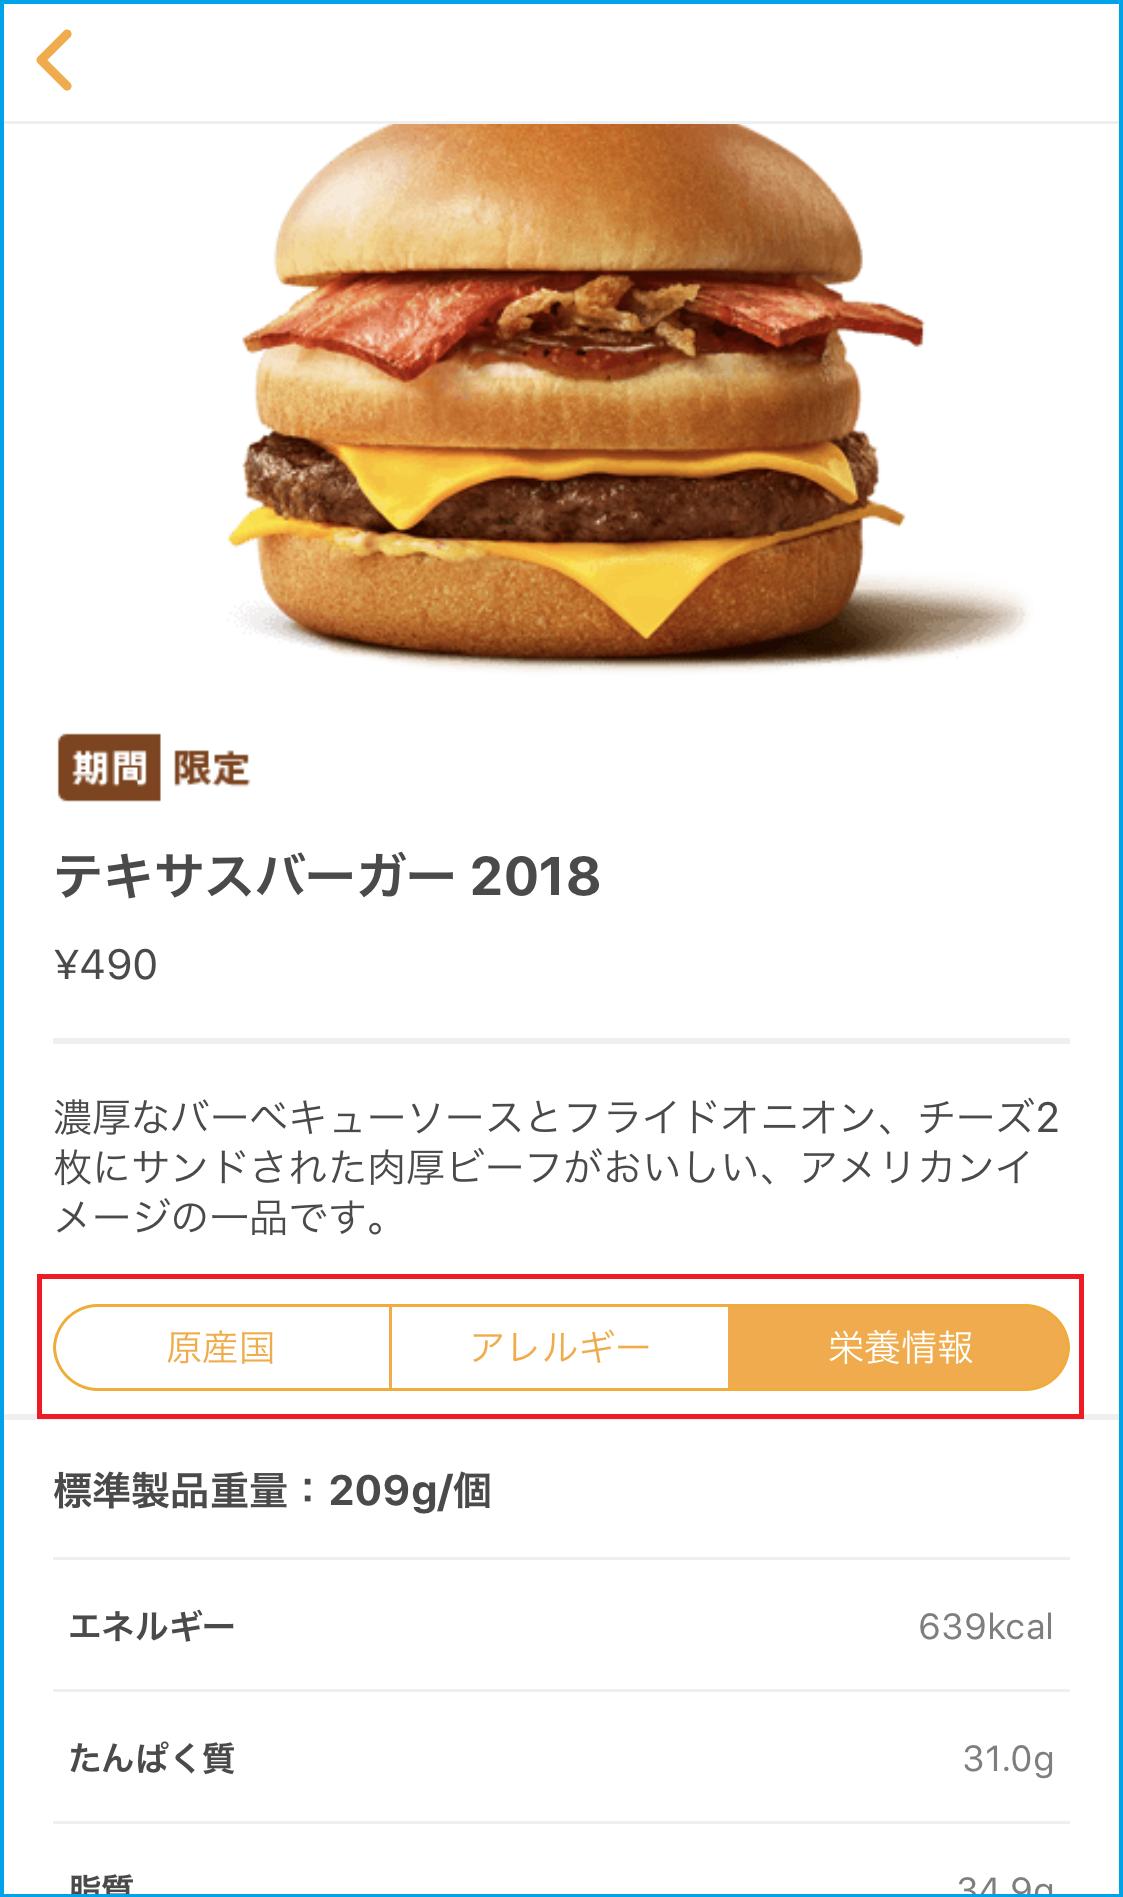 マクドナルドアプリのアレルギー情報、栄養情報